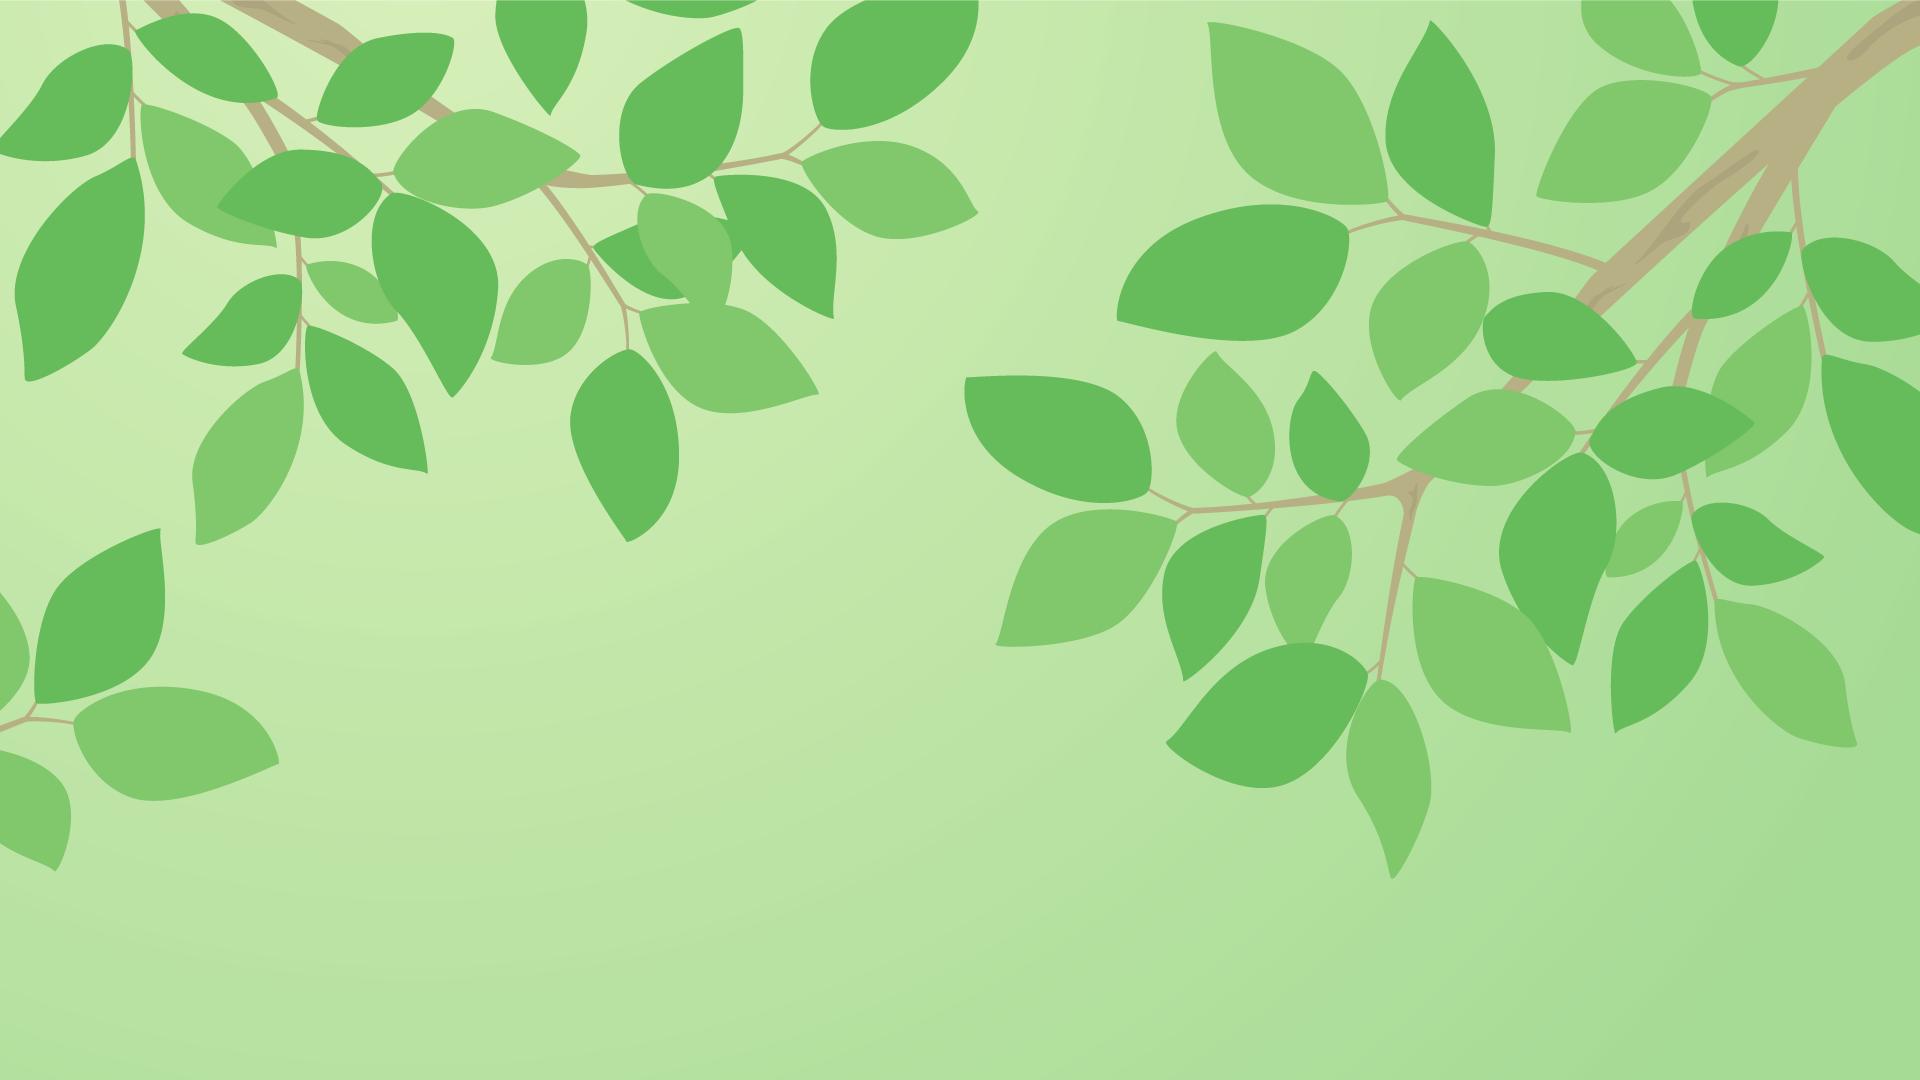 デスクトップ用壁紙(自然・木の枝)